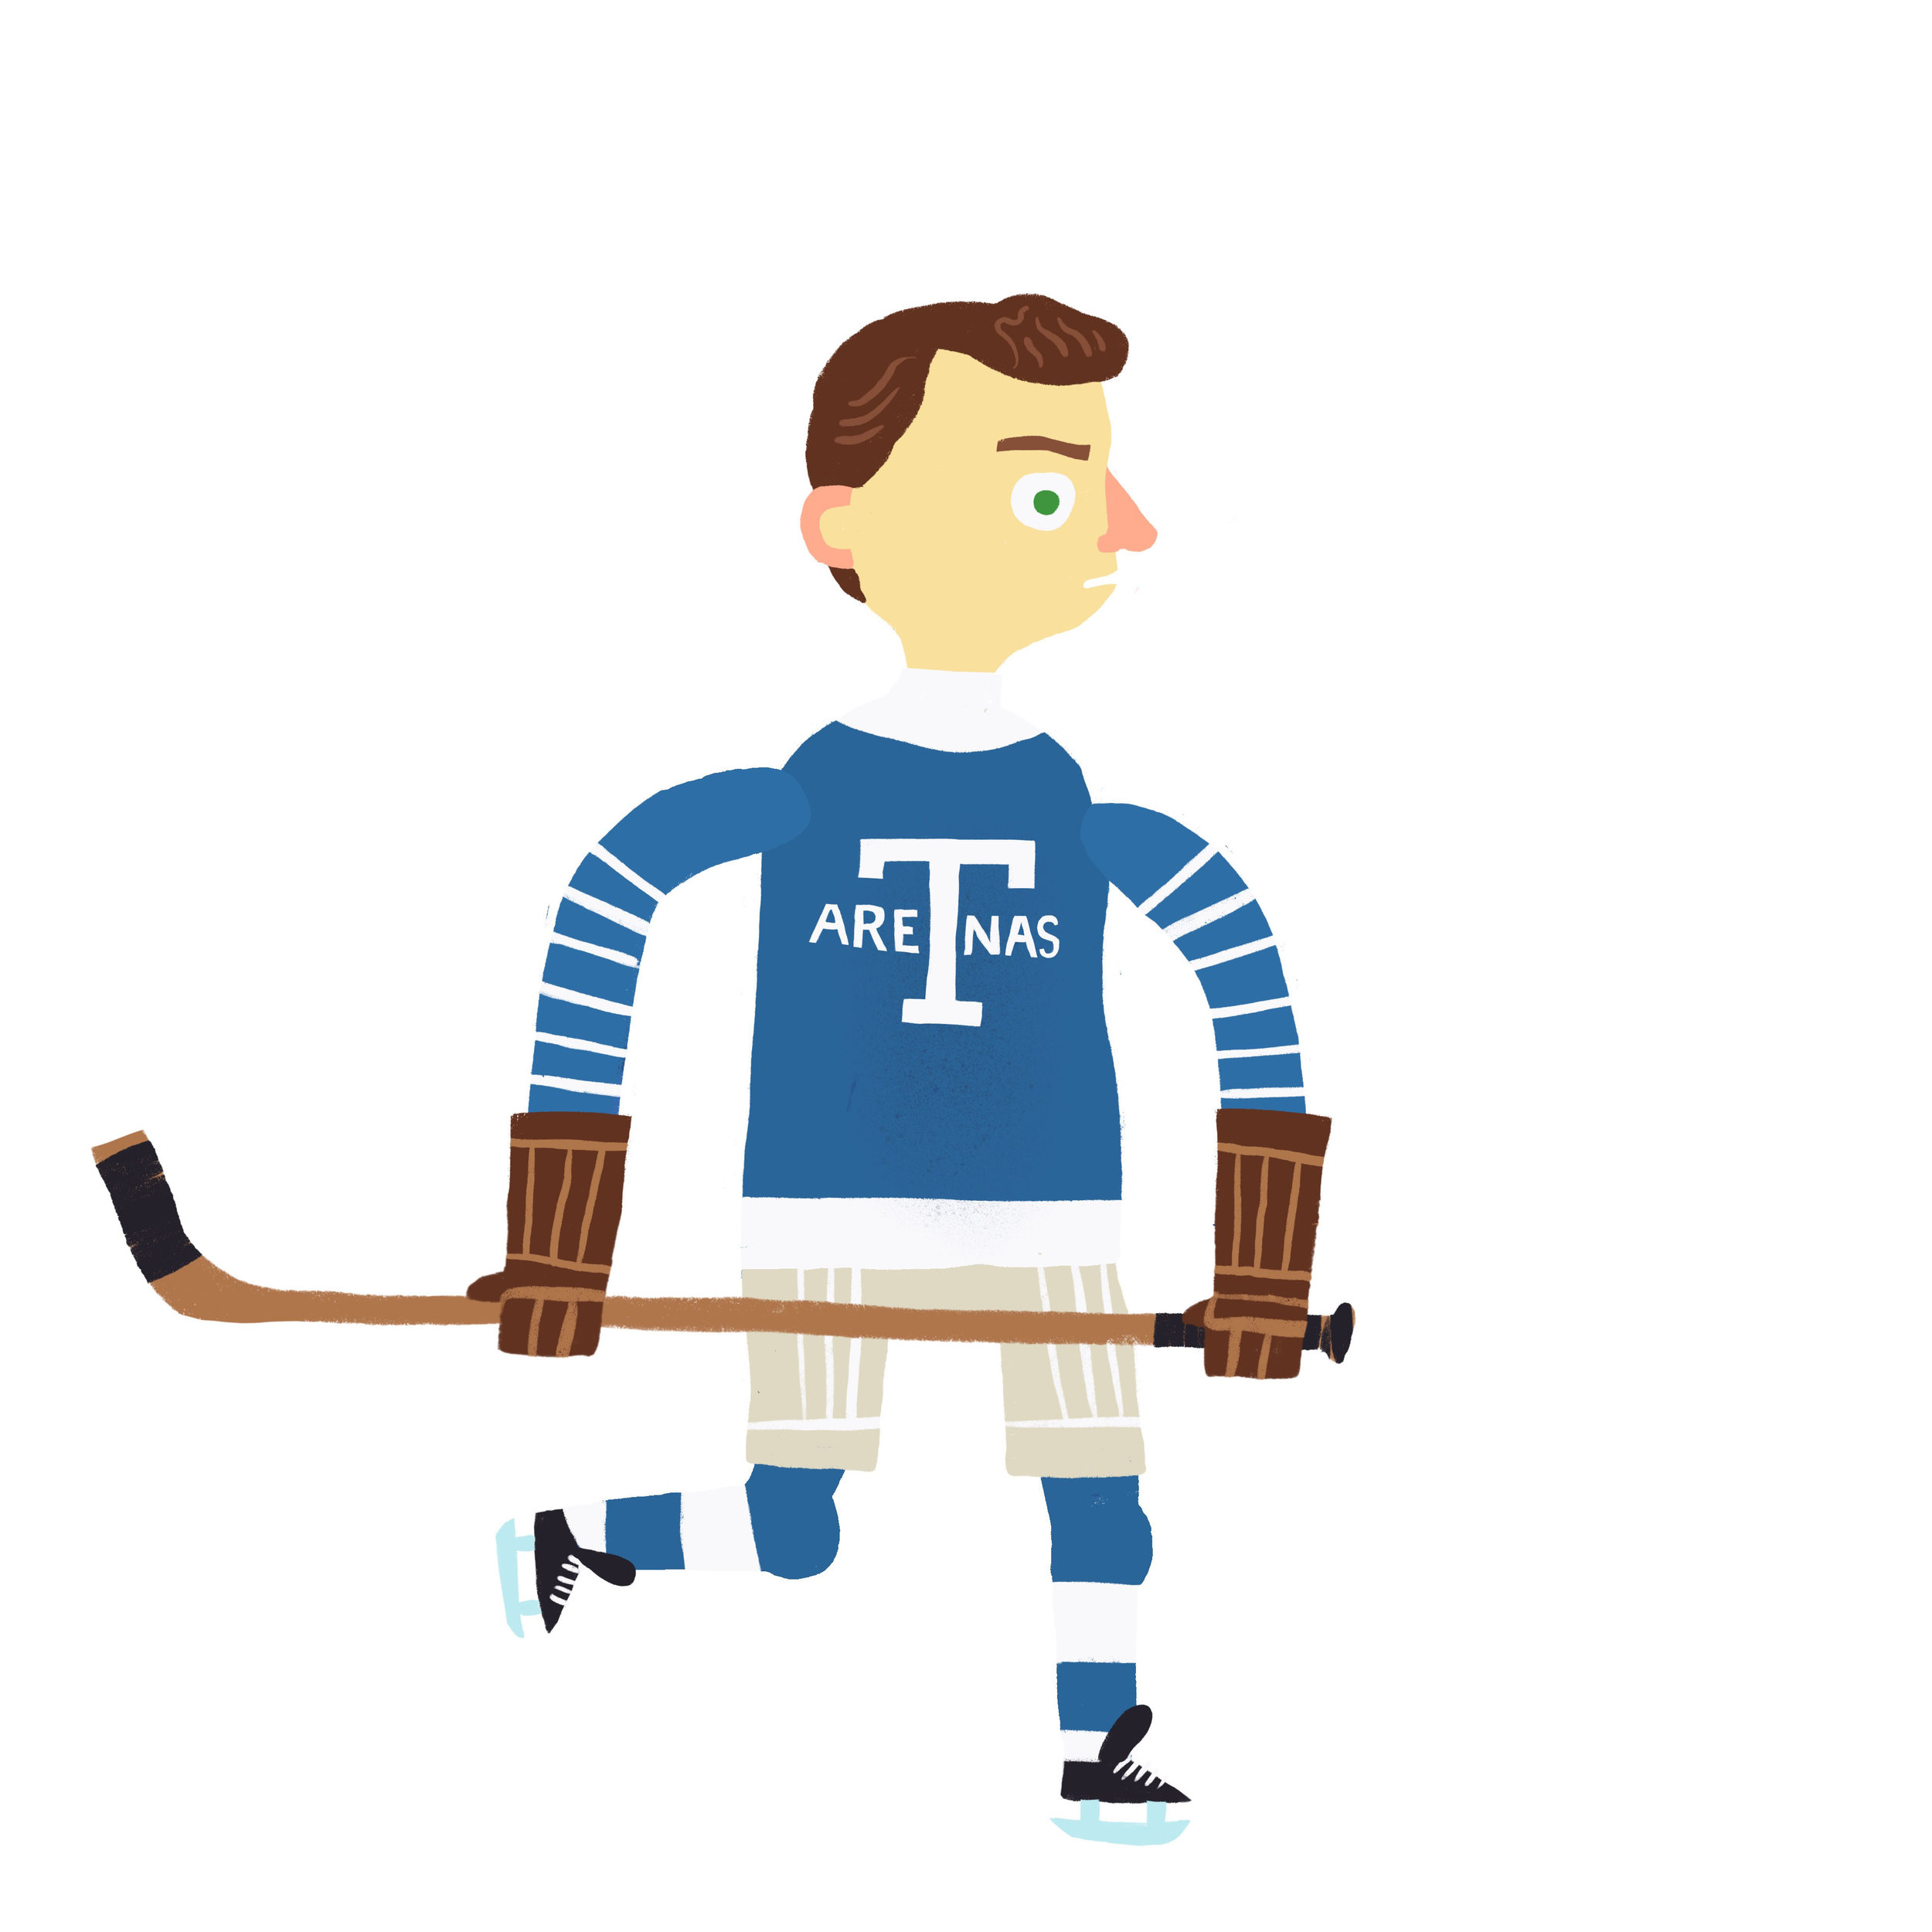 JACK ADAMS, b. Fort William, ON Toronto Arenas (1917-19), Toronto St. Patricks (1923-26)